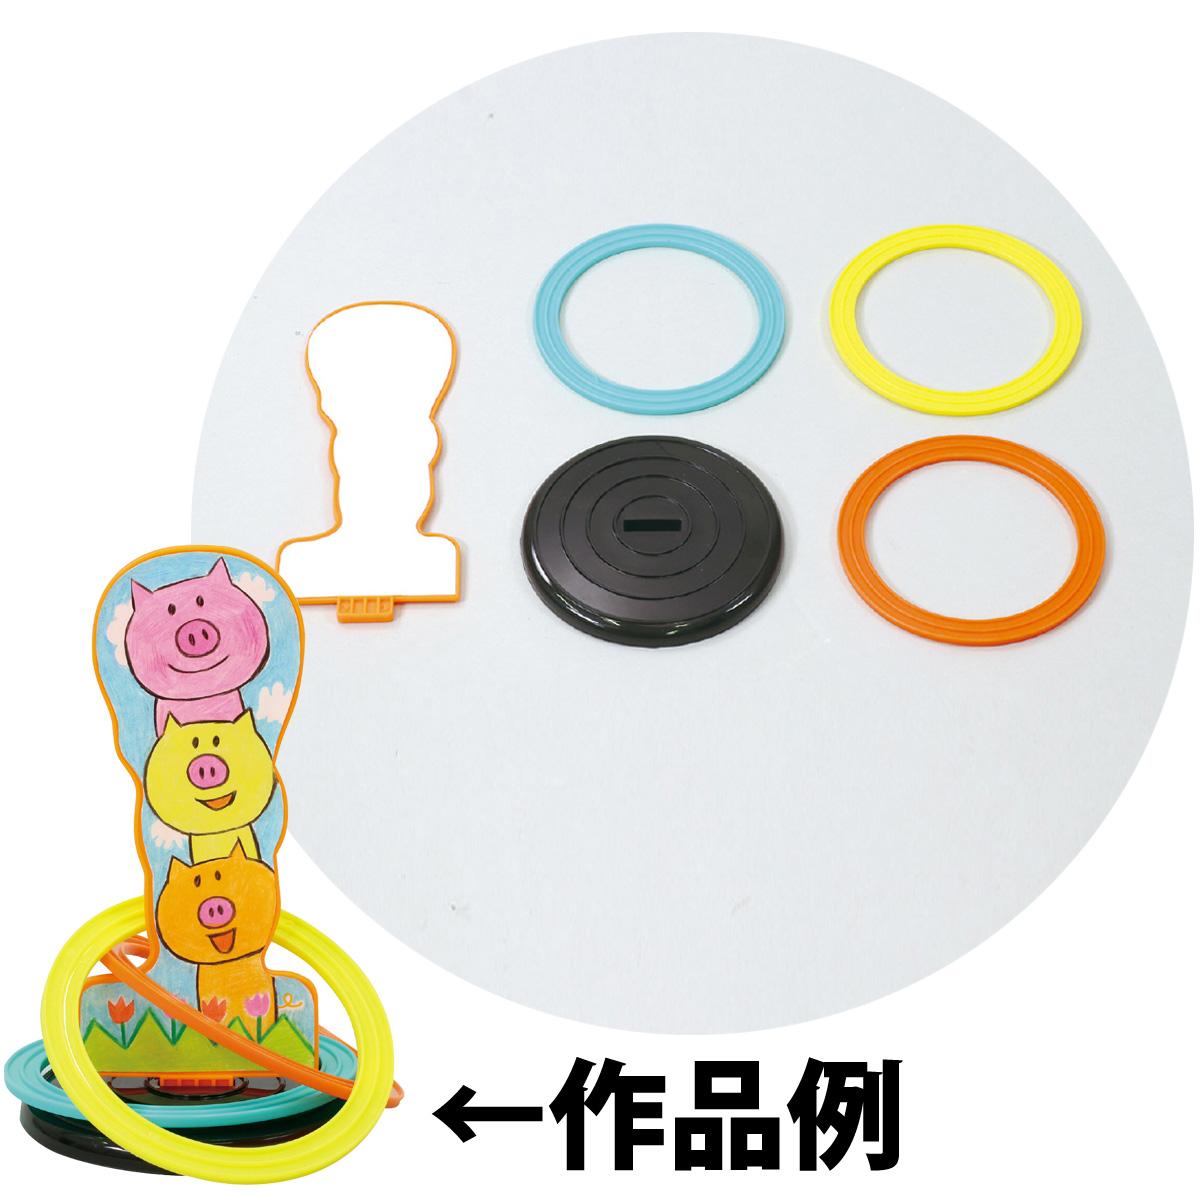 わなげ お絵かき おえかき 工作キット 学校教材 子供 キッズ 図工 輪投げセット ゲーム おもちゃ